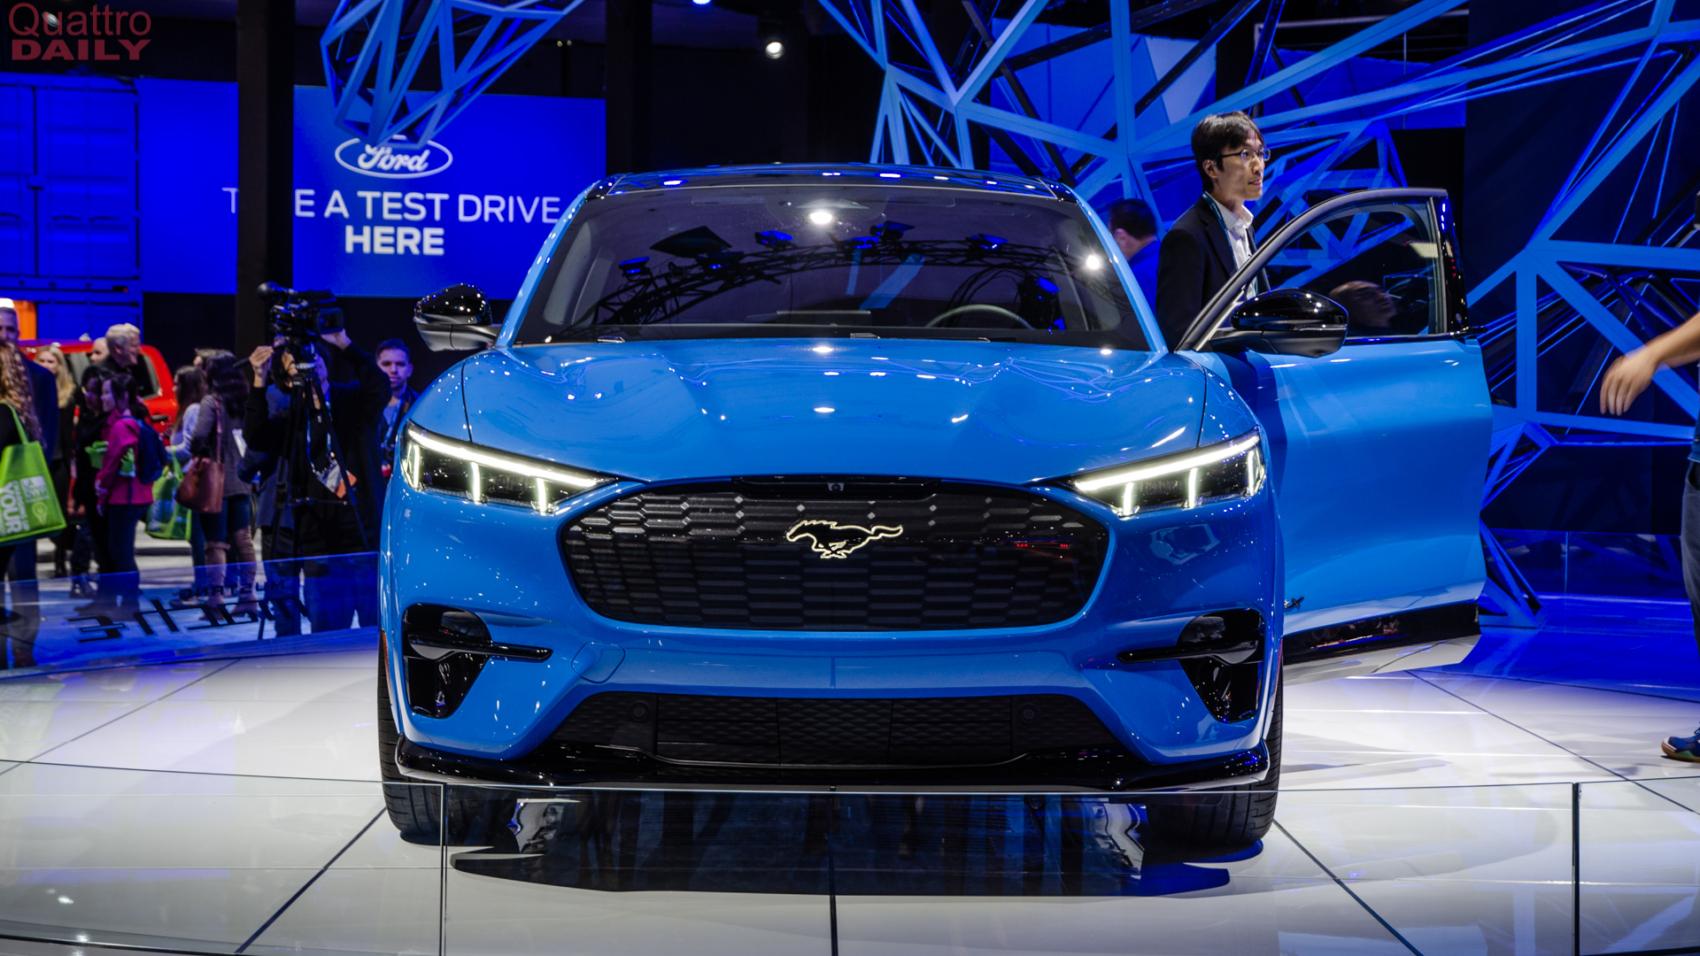 Mustang-Mach-E-LA-Auto-Show-6-of-10